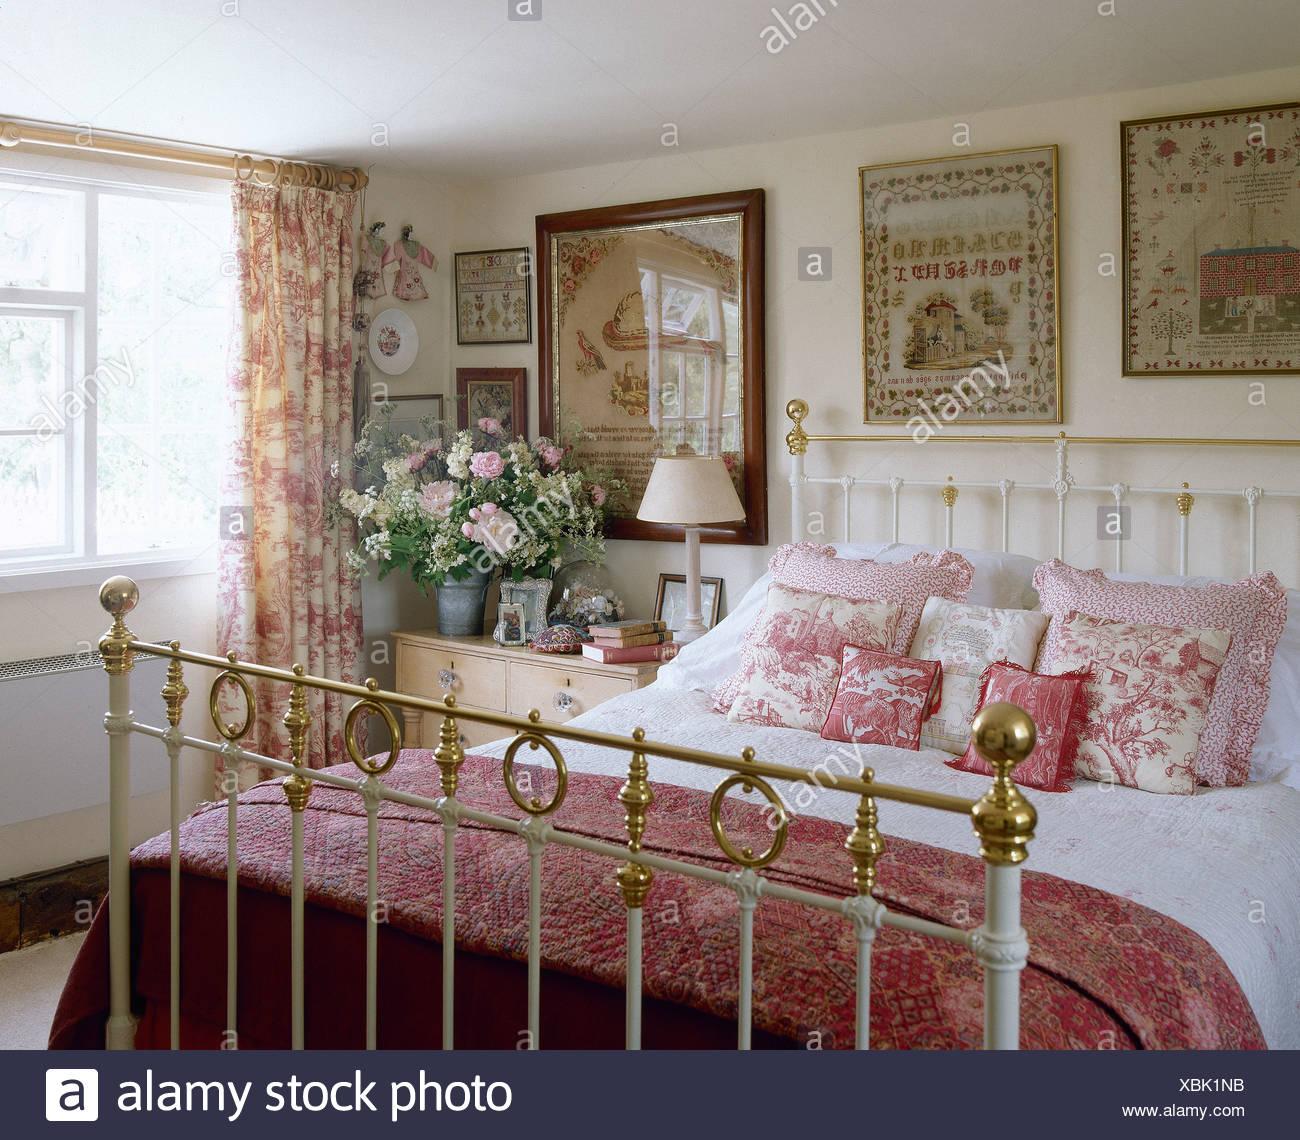 Antiken Sampler an Wand über antike Messingbett mit rosa Decke und ...